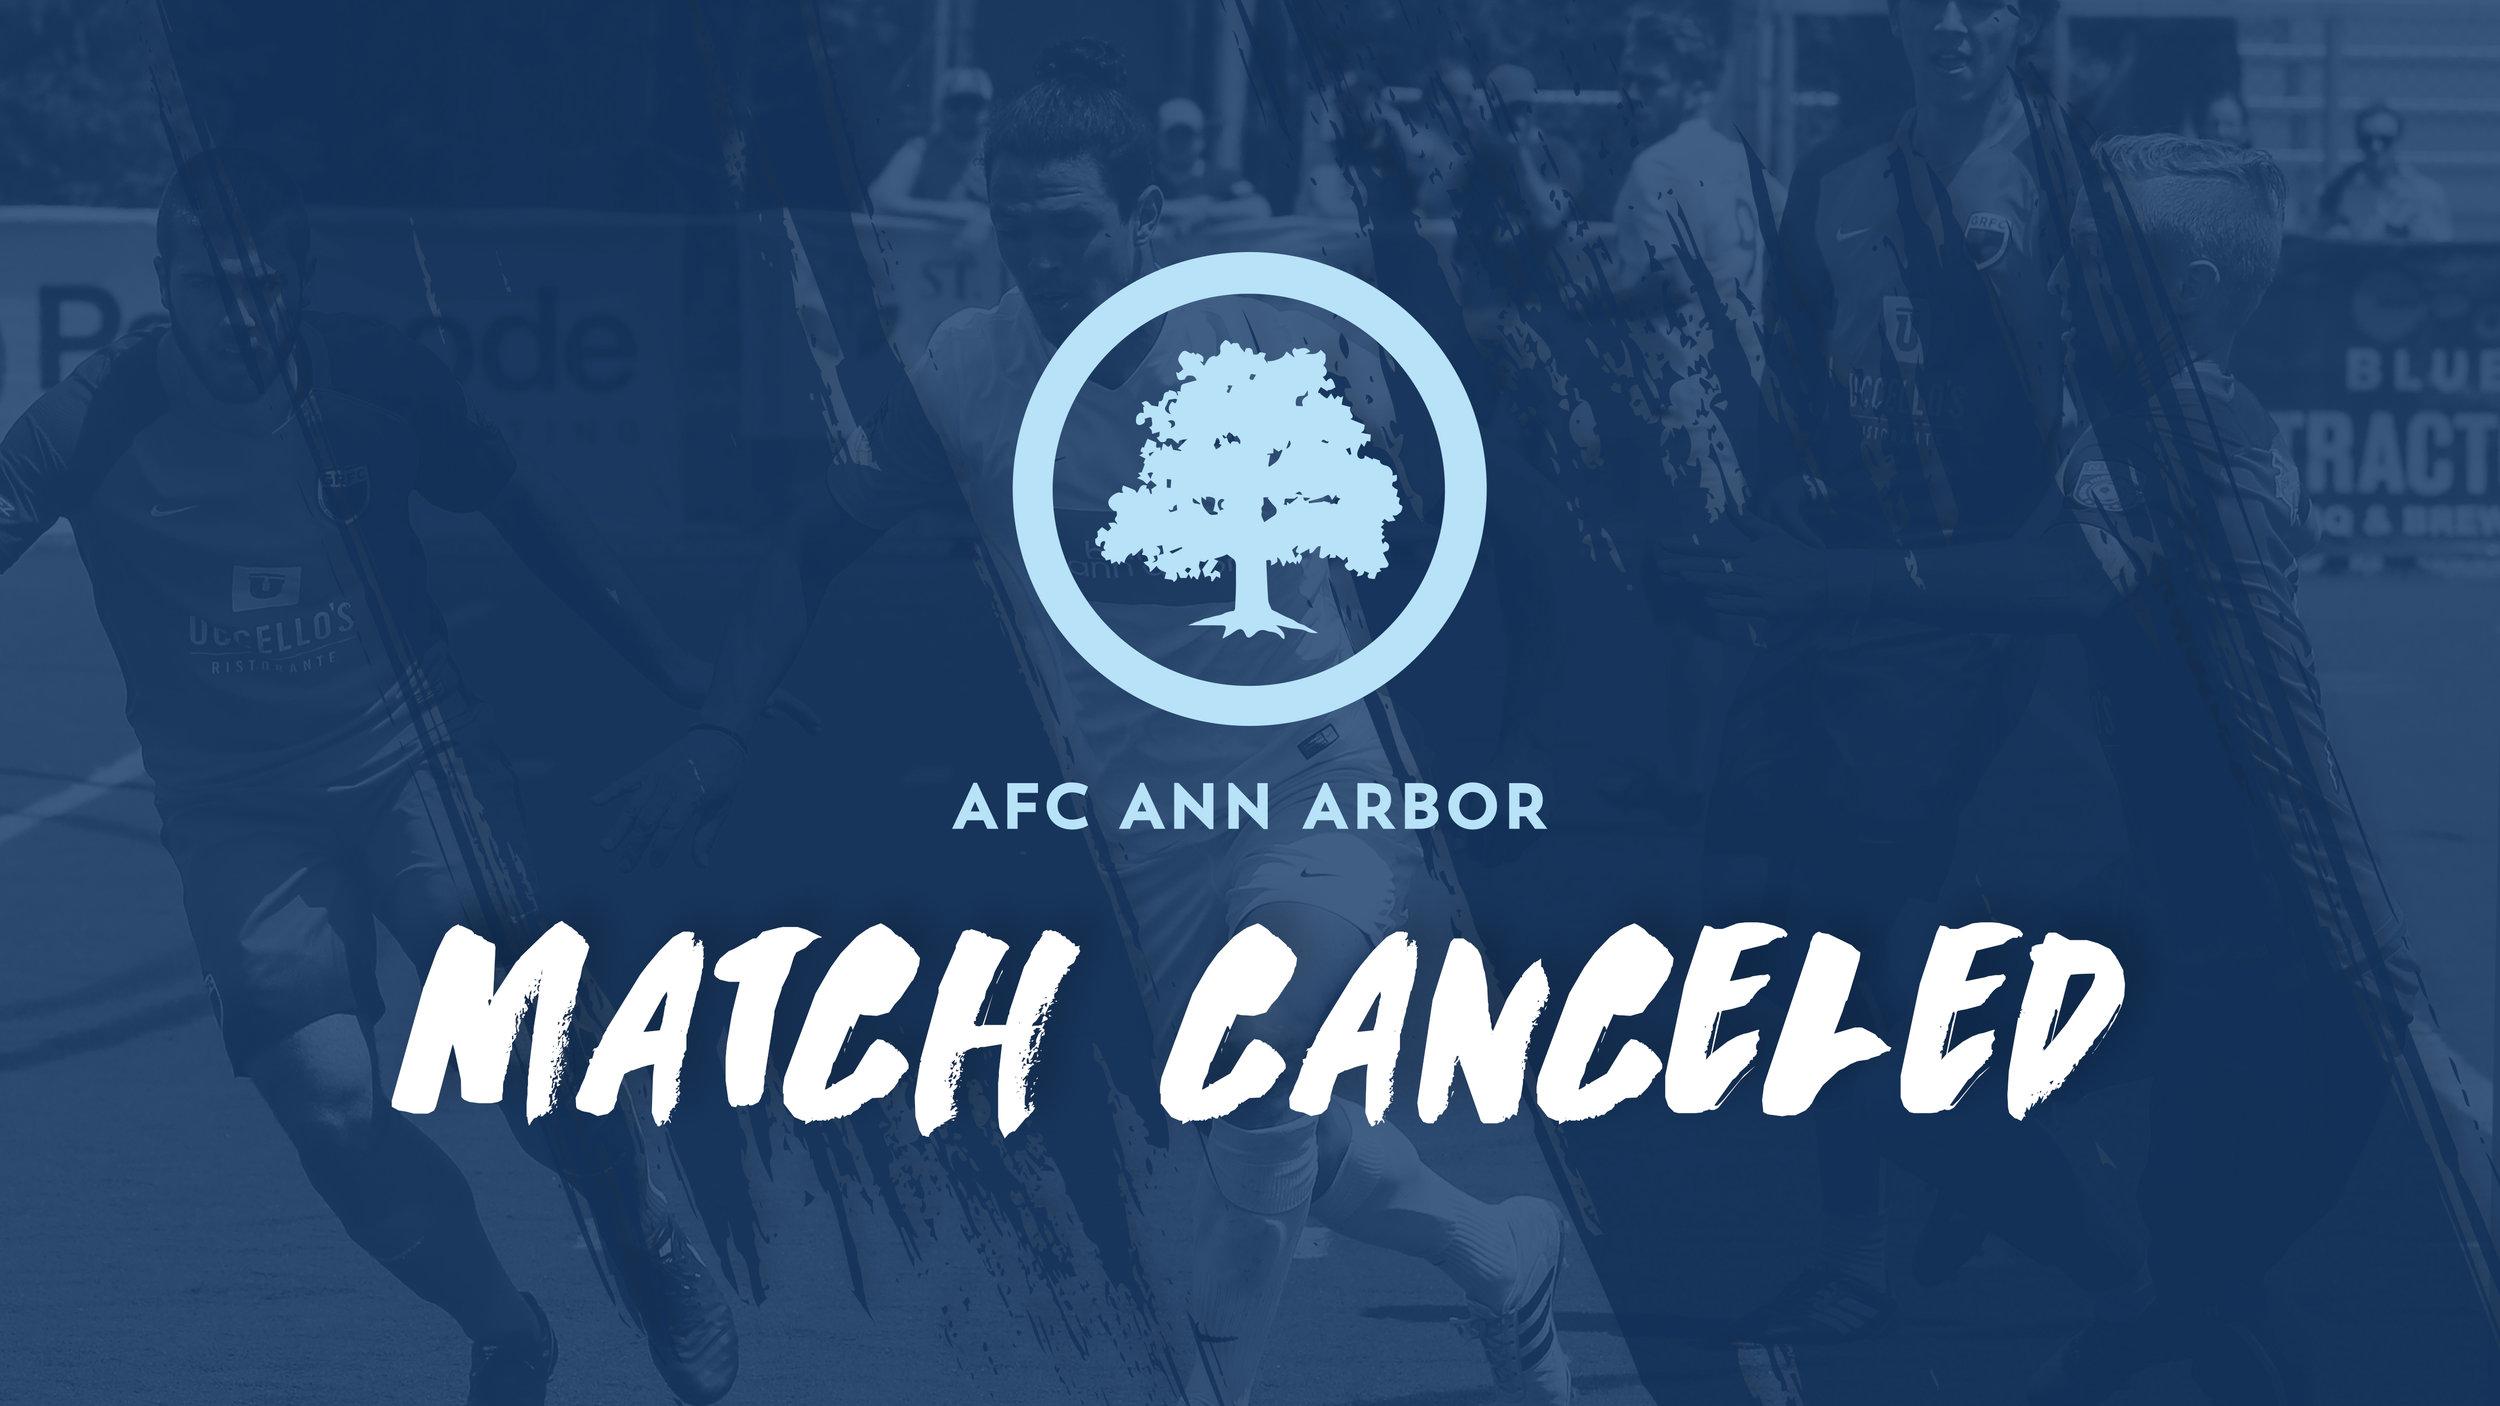 4_15_canceled.jpg